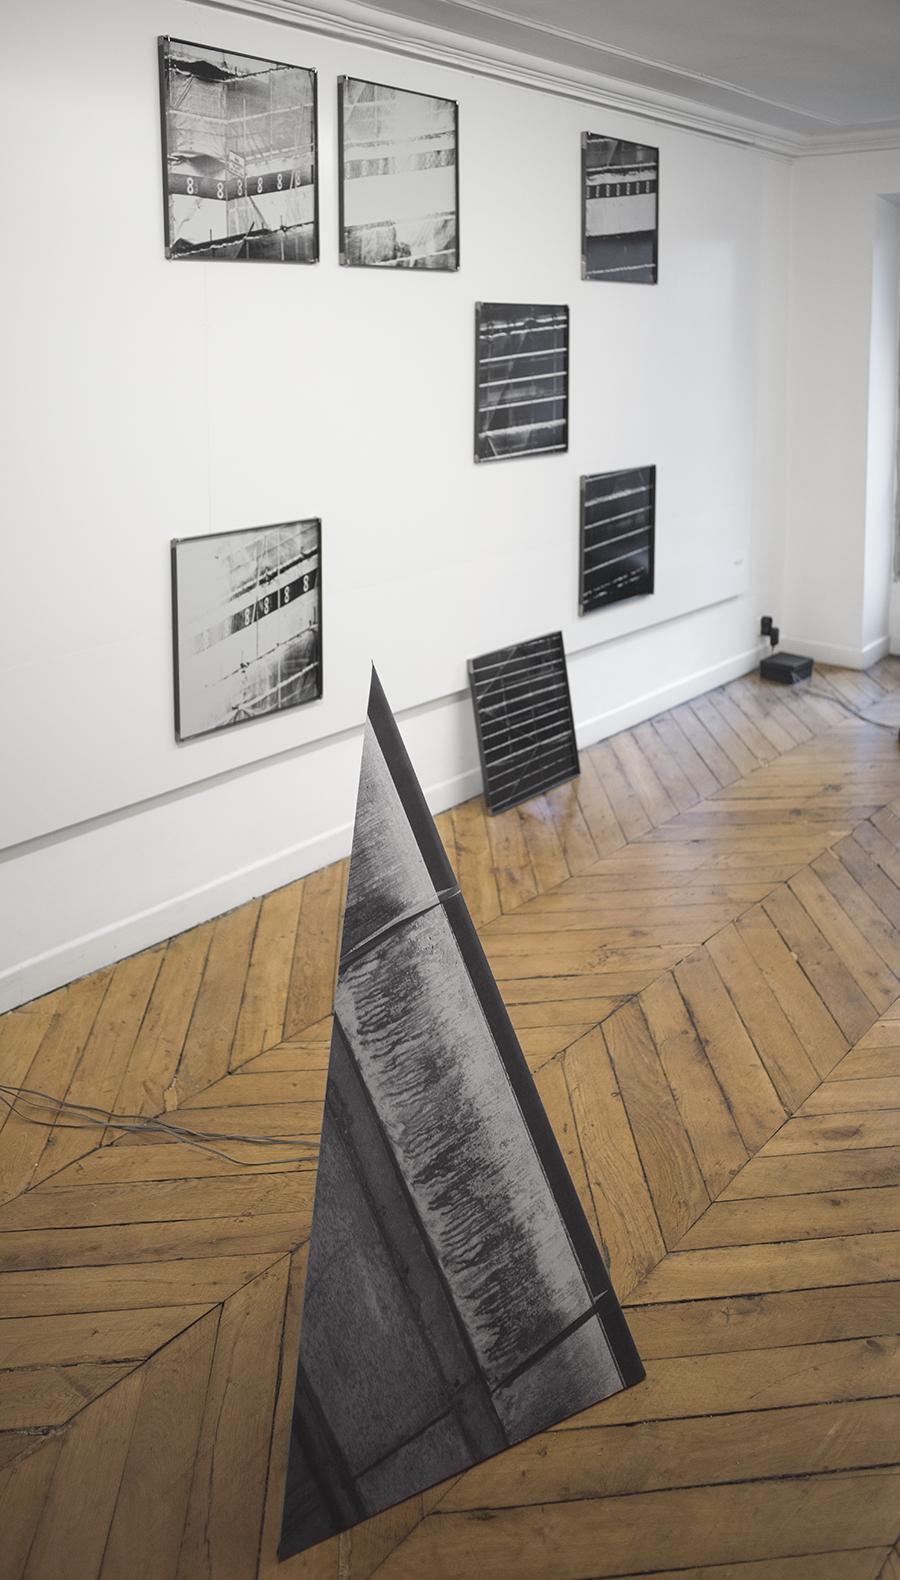 Bérénice Lefebvre, SITES I Paris Nord-Est, 2017